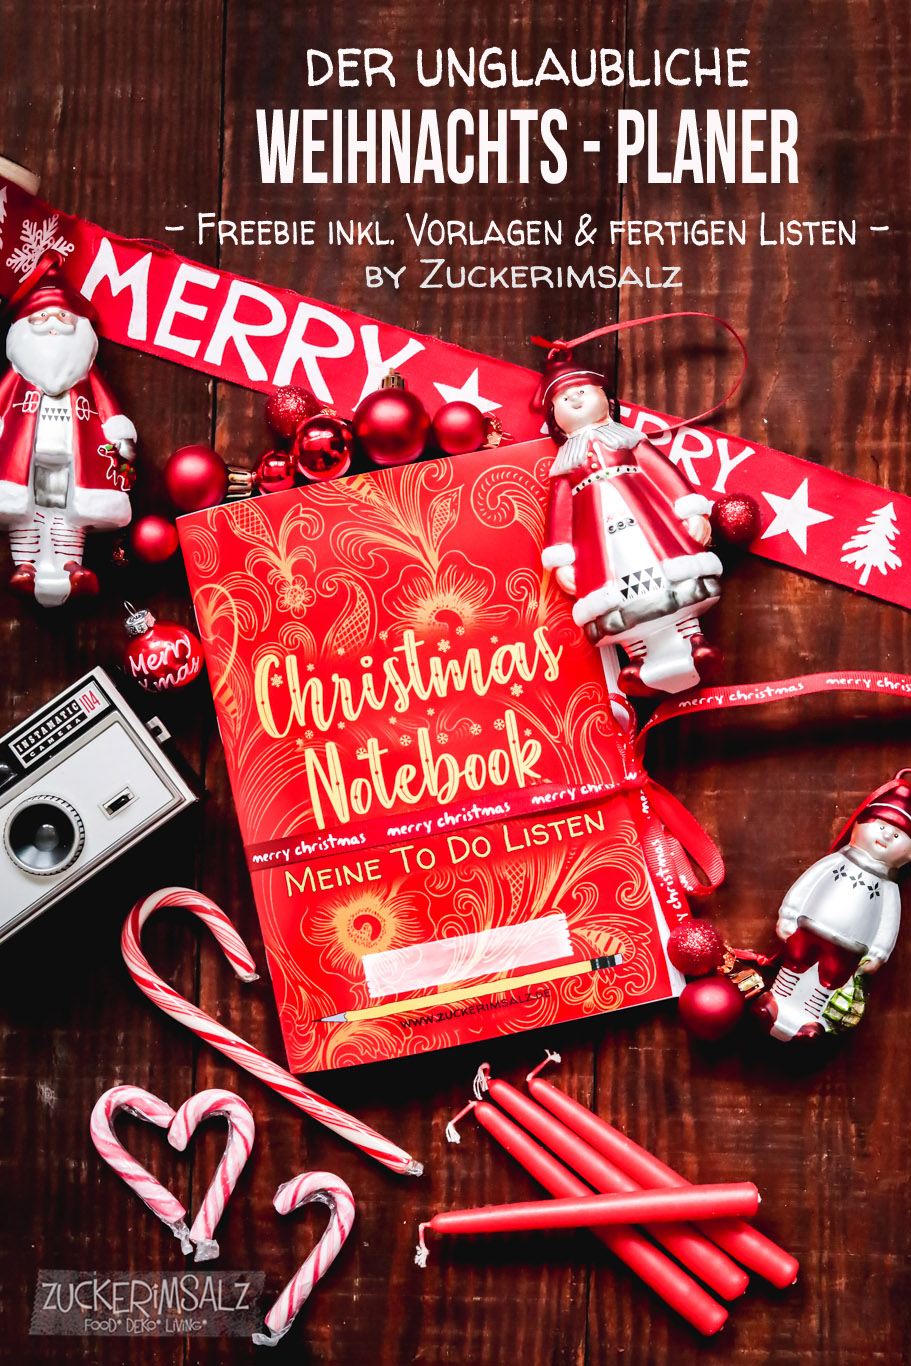 Freebie DIY | Der unglaubliche Weihnachts Planer … inkl. Vorlagen & fertigen Listen